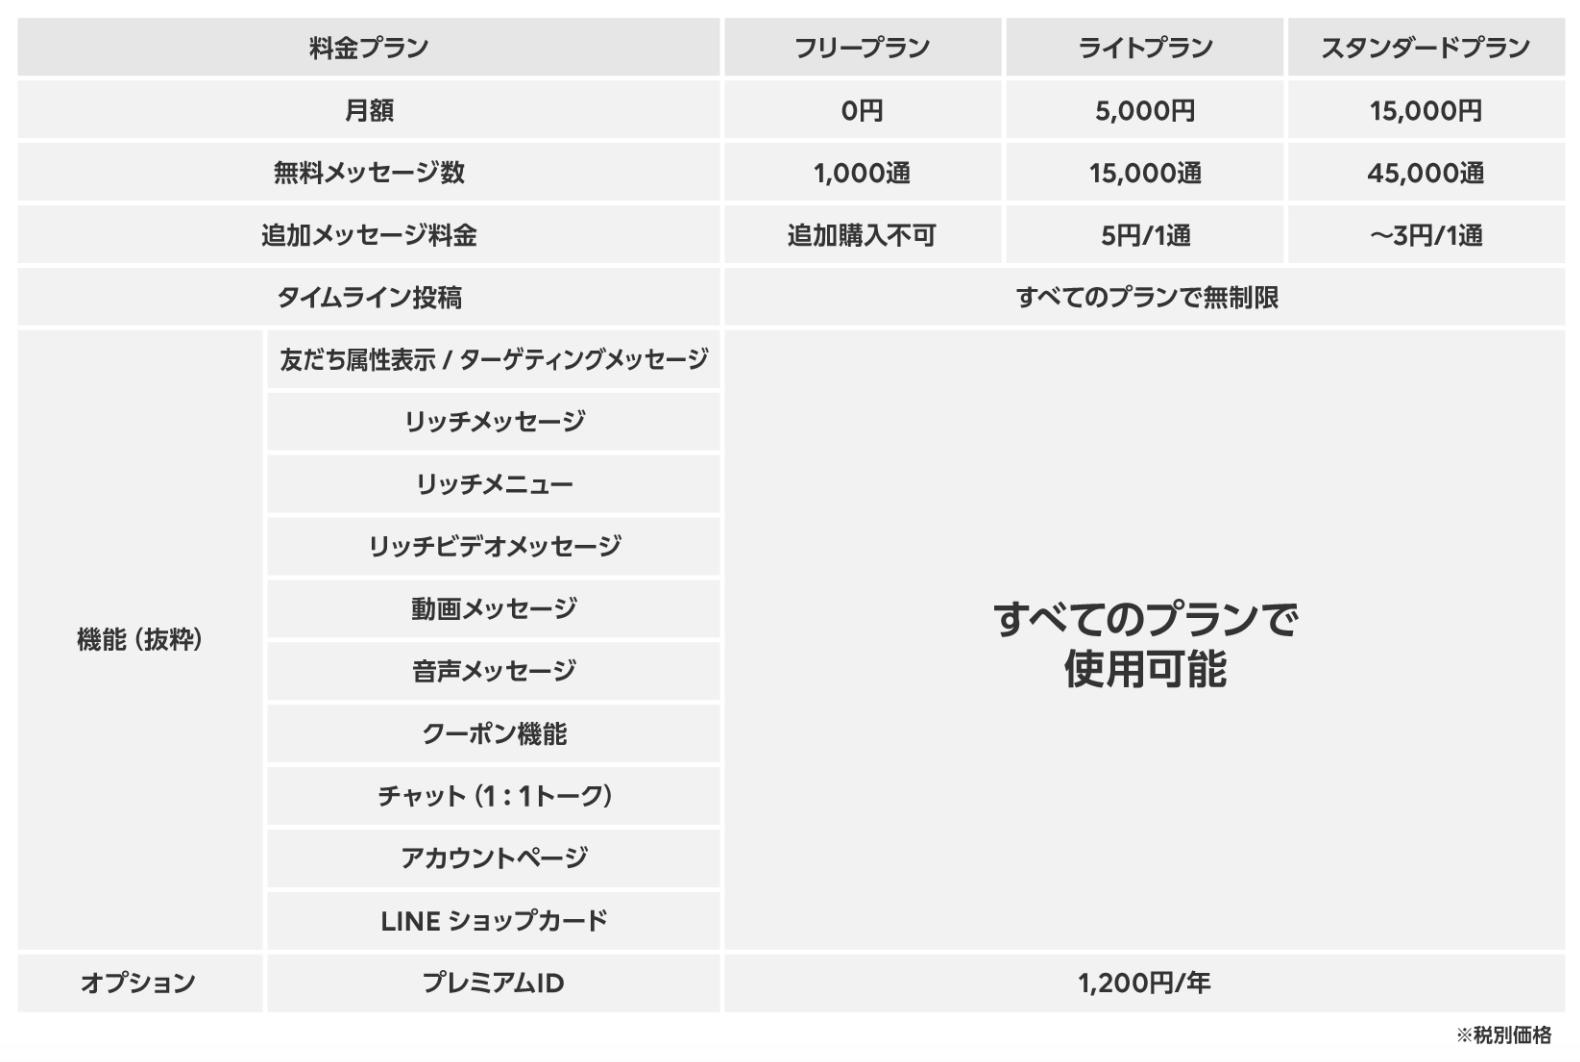 LINE@サービス統合および移行について